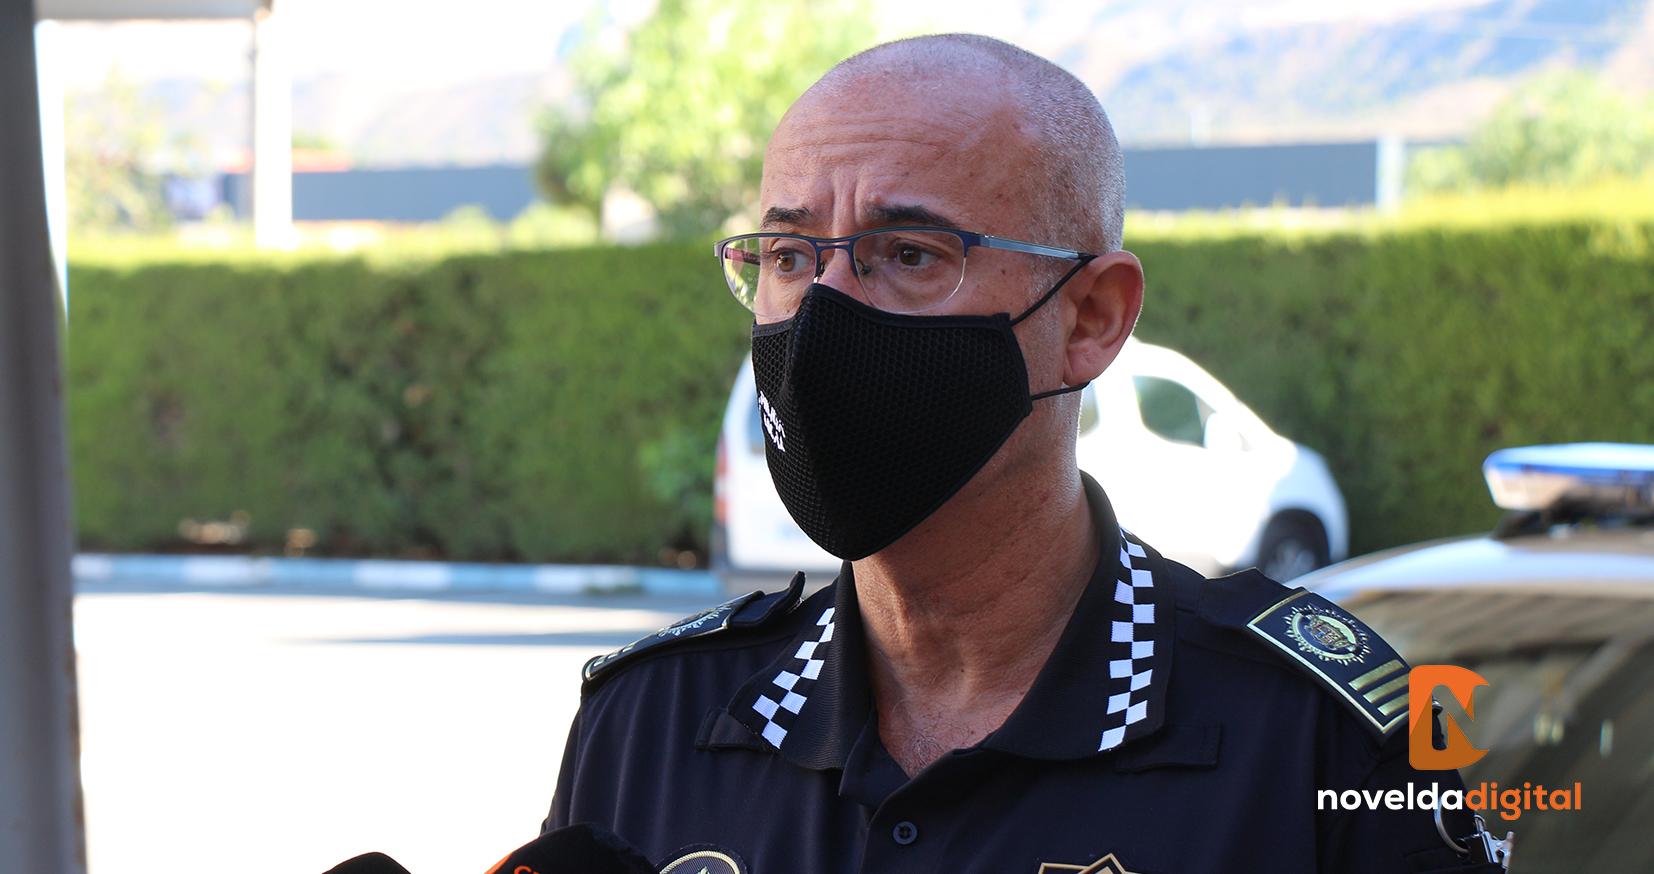 Fin de semana más tranquilo en Novelda debido al refuerzo policial en zonas calientes y locales de copas